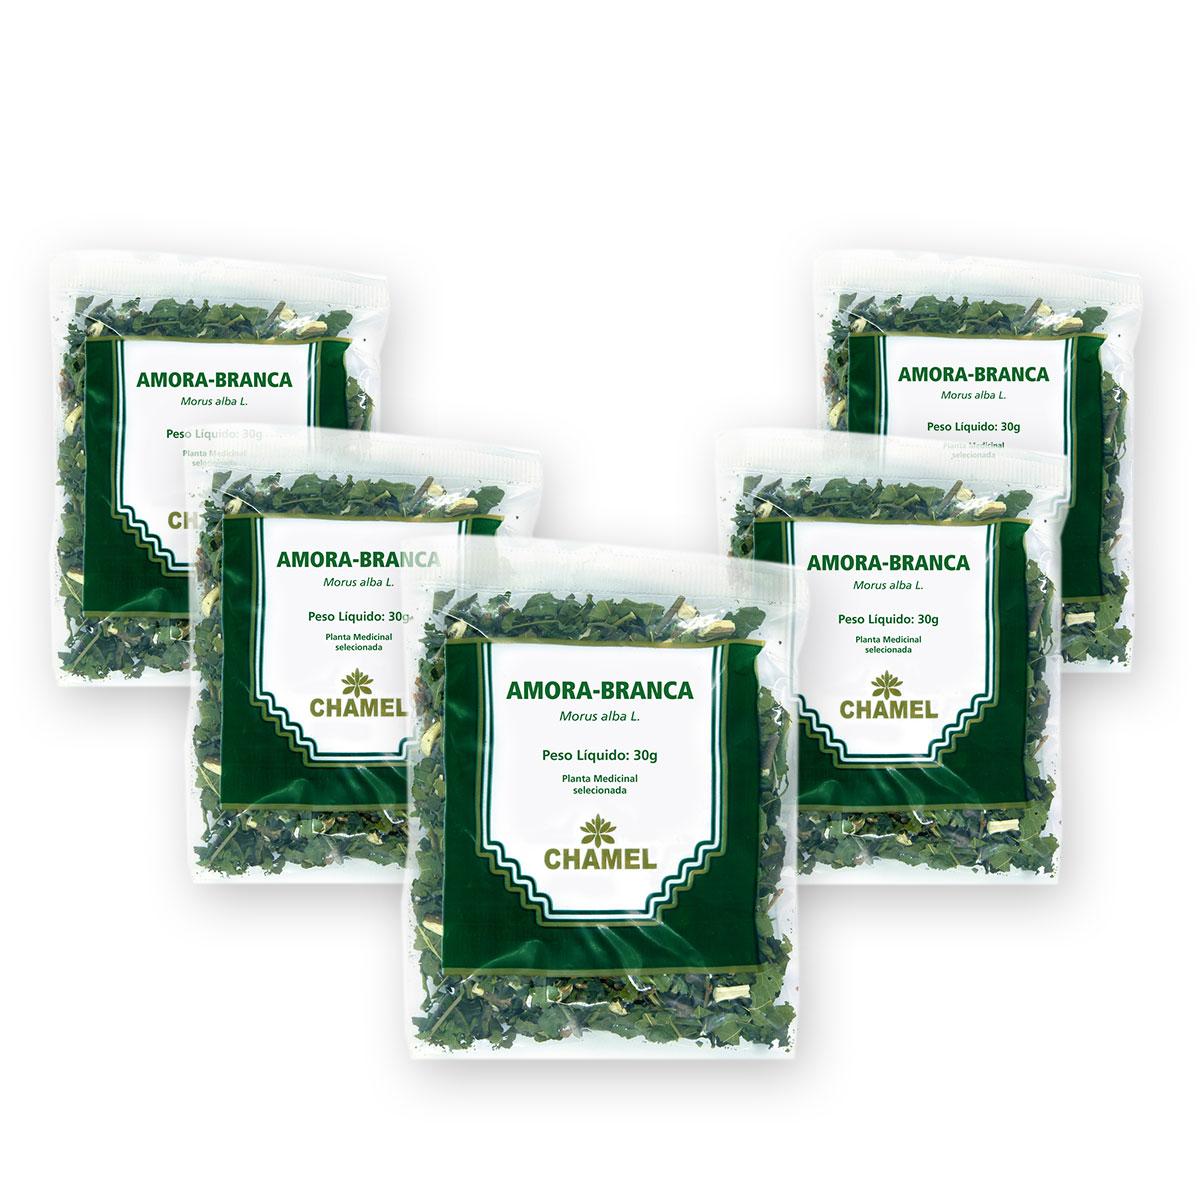 Amora 30g Chamel com 5 Unidades - Chá Folhas